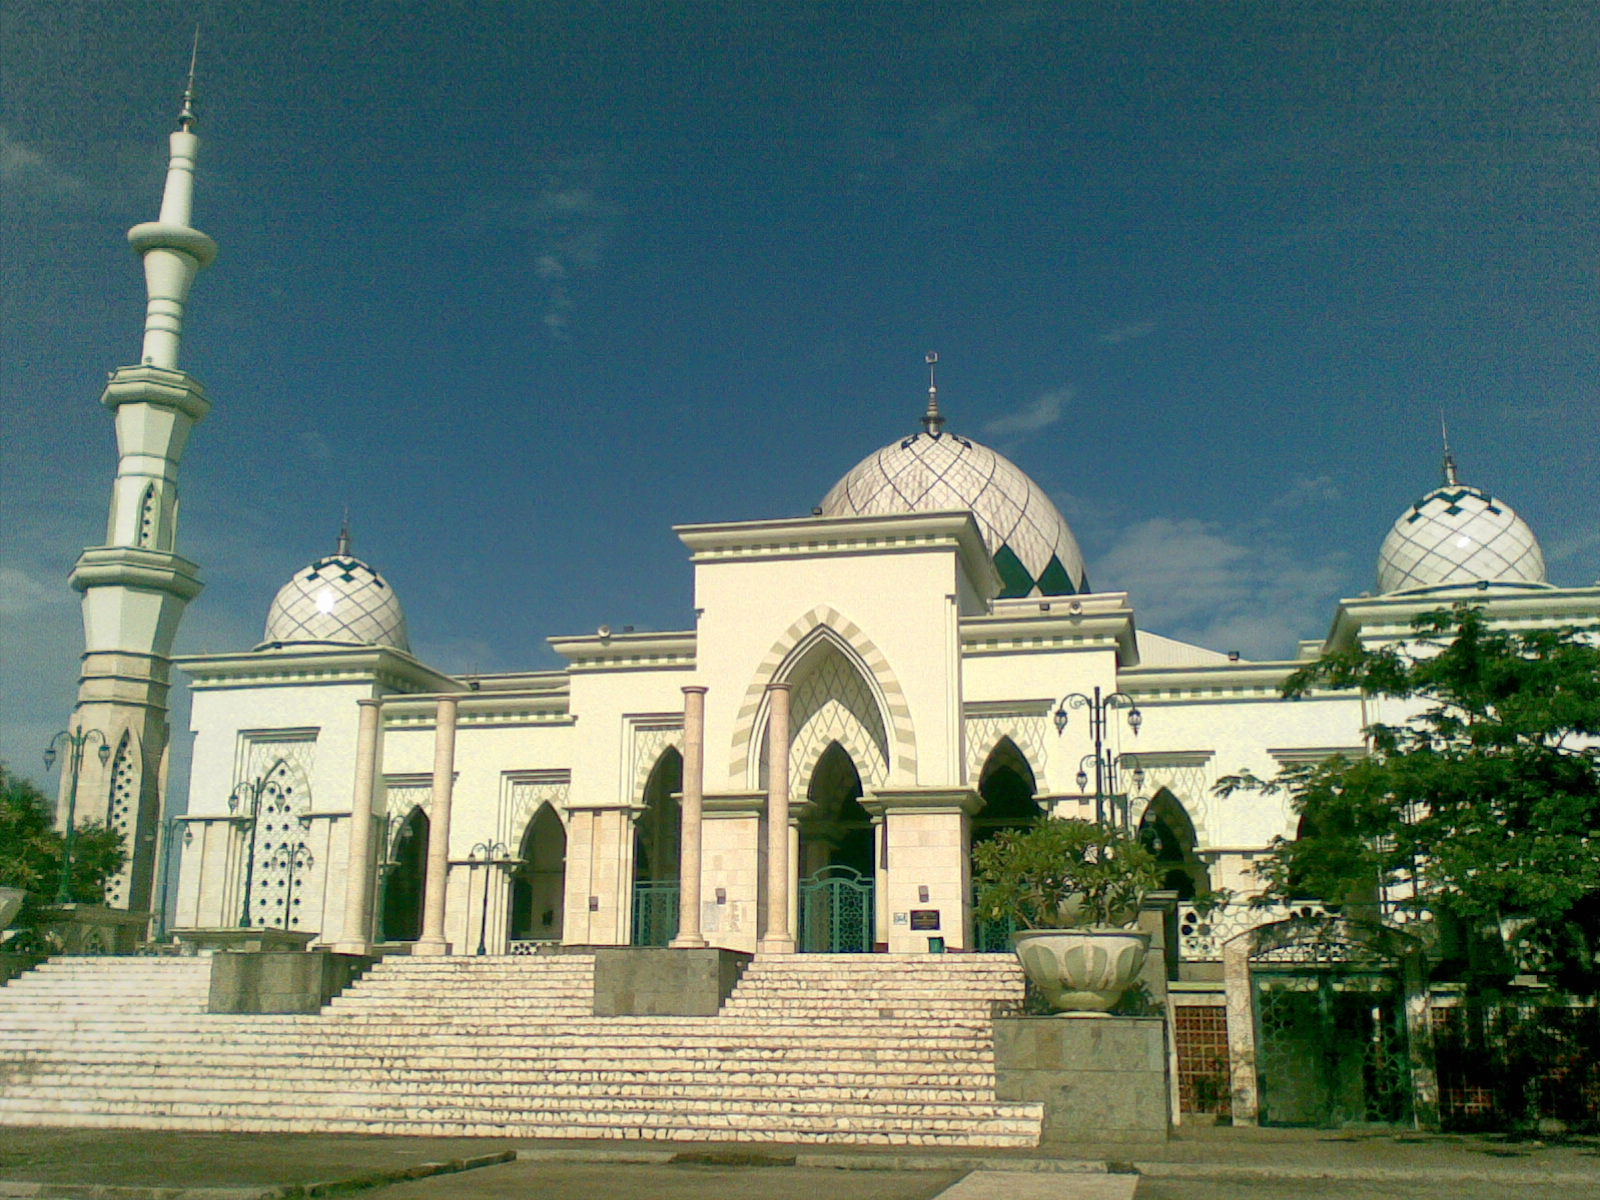 Karpet Masjid Berkualitas Makasar